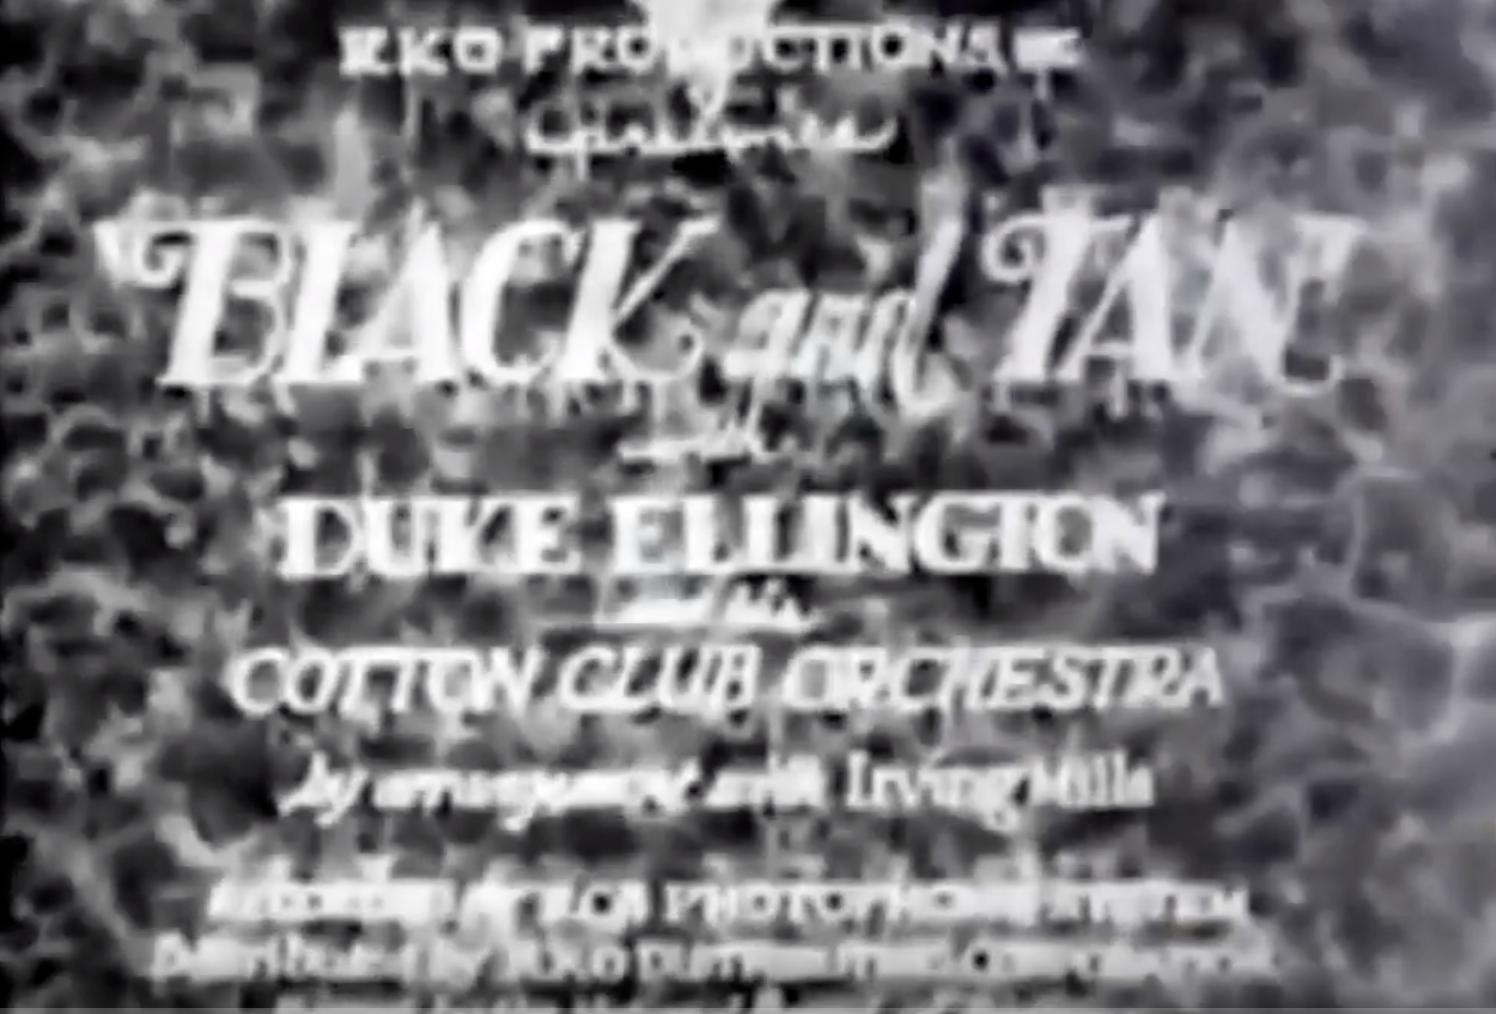 Duke Ellington's Black and Tan - 1929